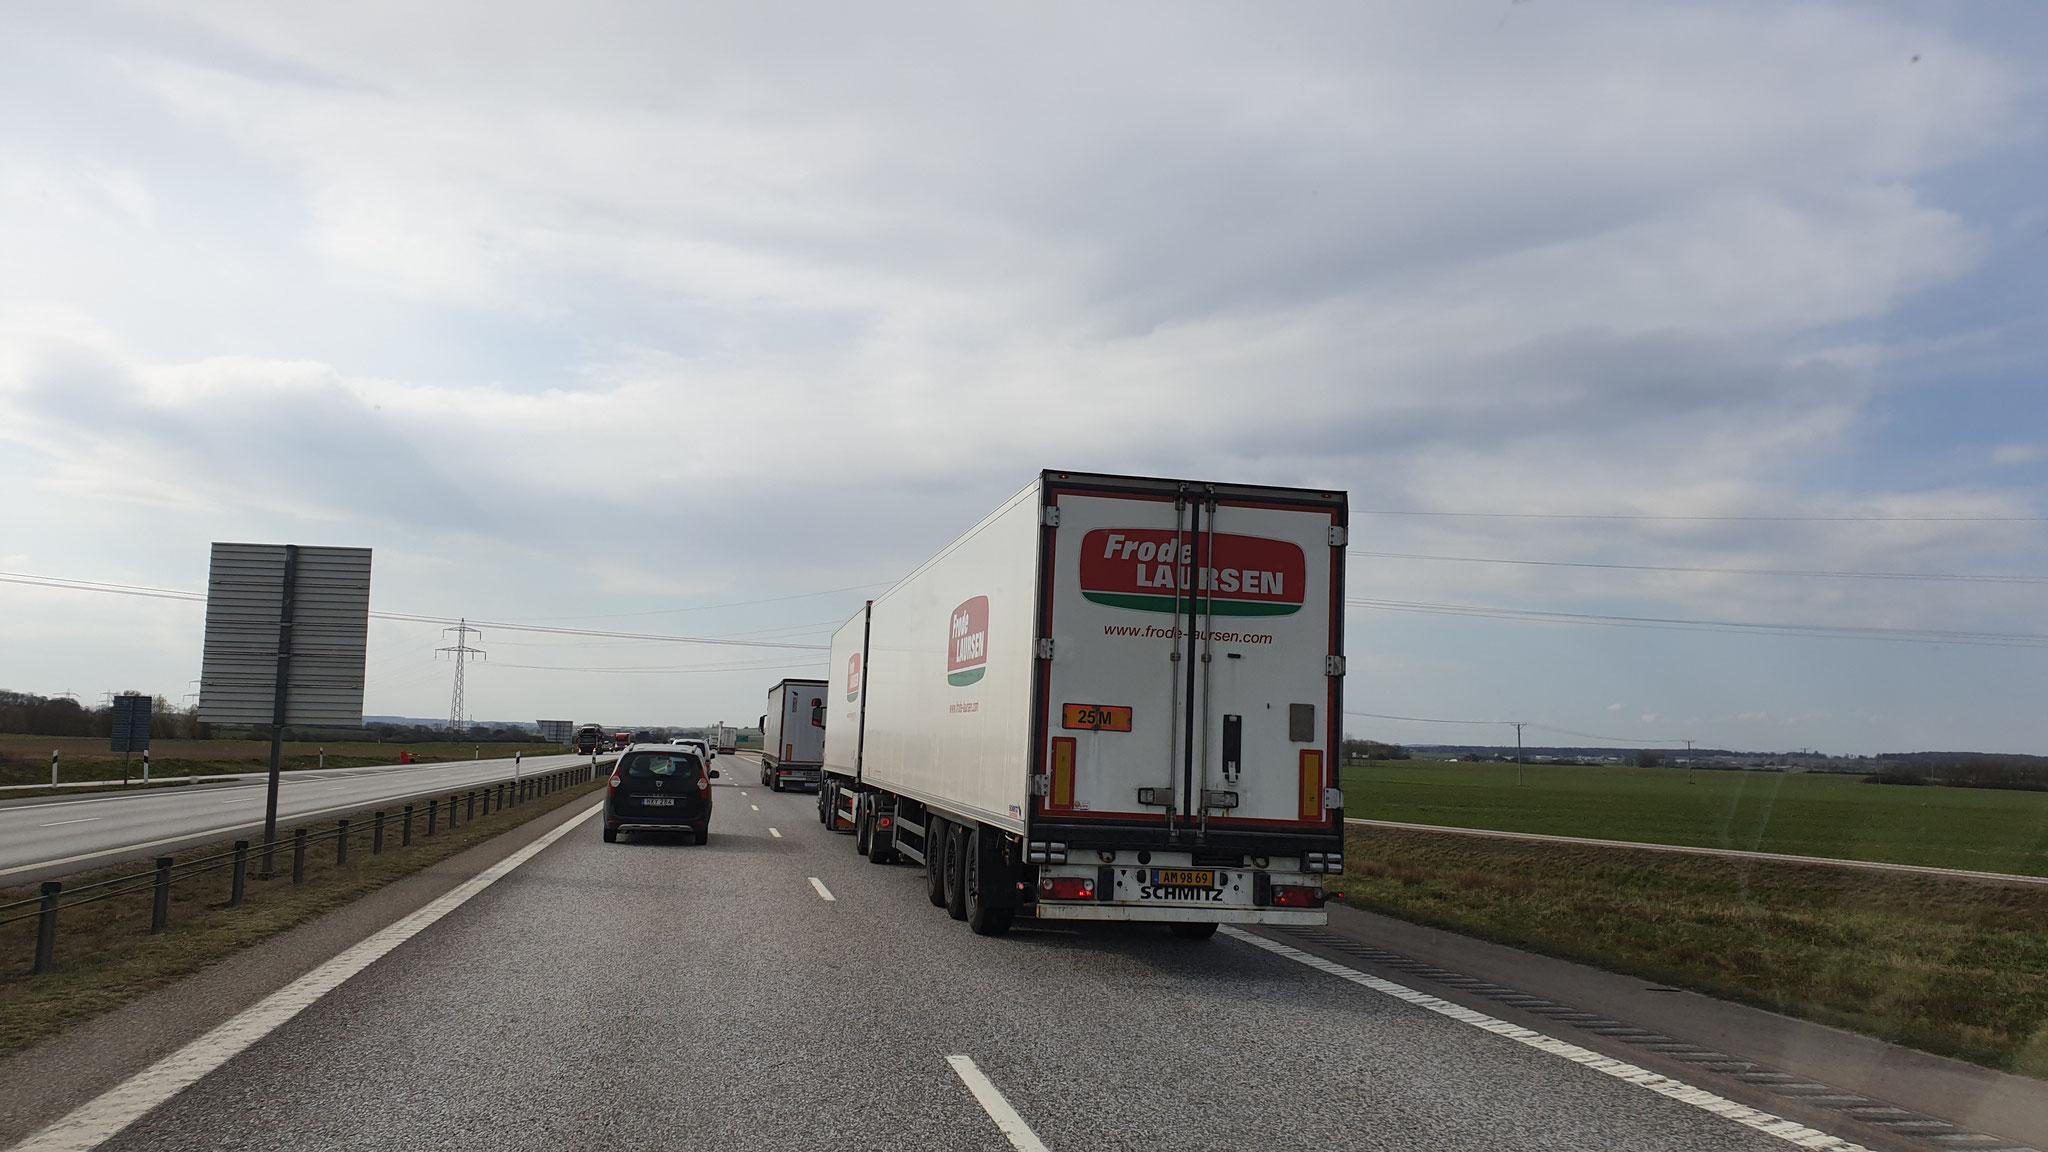 25 Meter ... wir sahen LKW's mit 32 Meter Länge